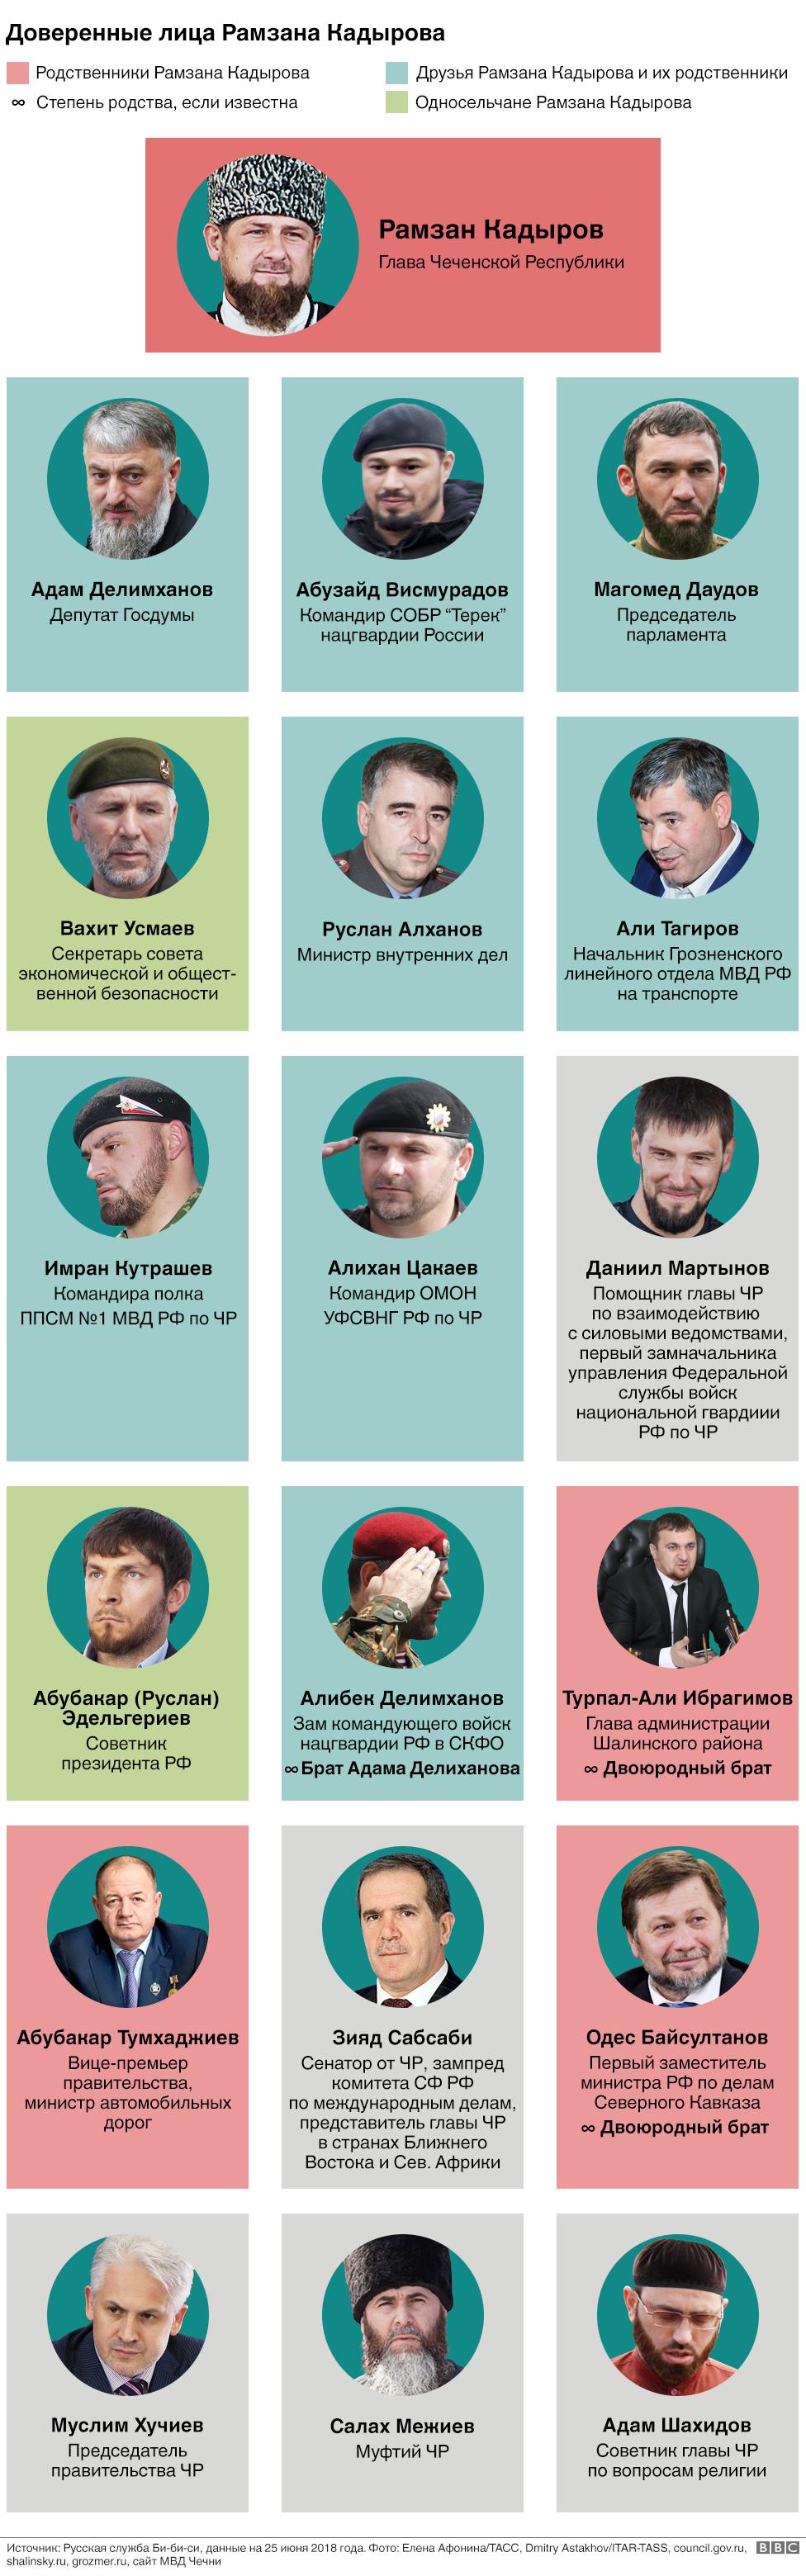 Политбюро Чечни